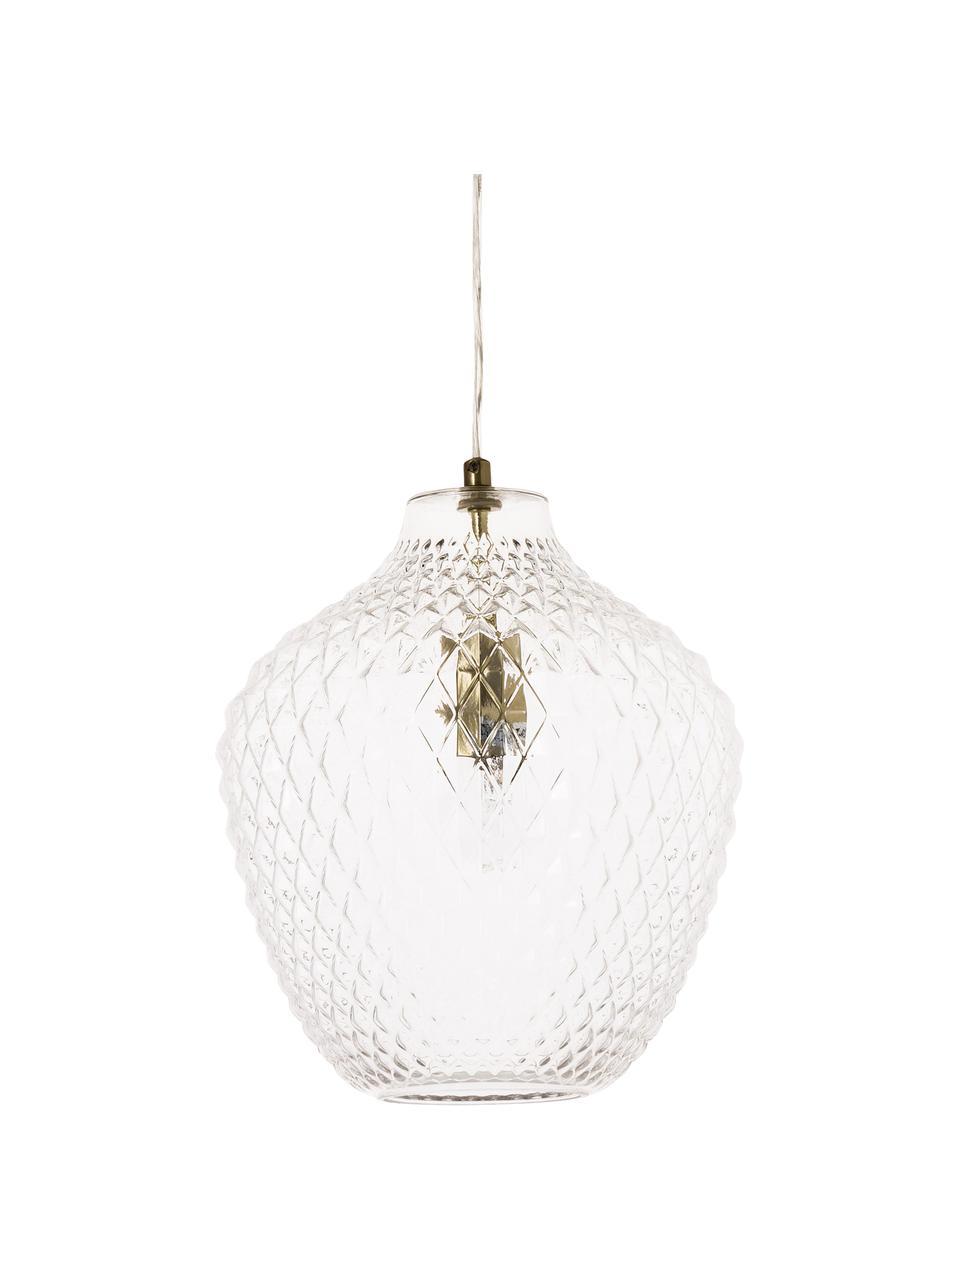 Lampa wisząca ze szkła Lee, Transparentny, mosiądz, Ø 27 x W 33 cm